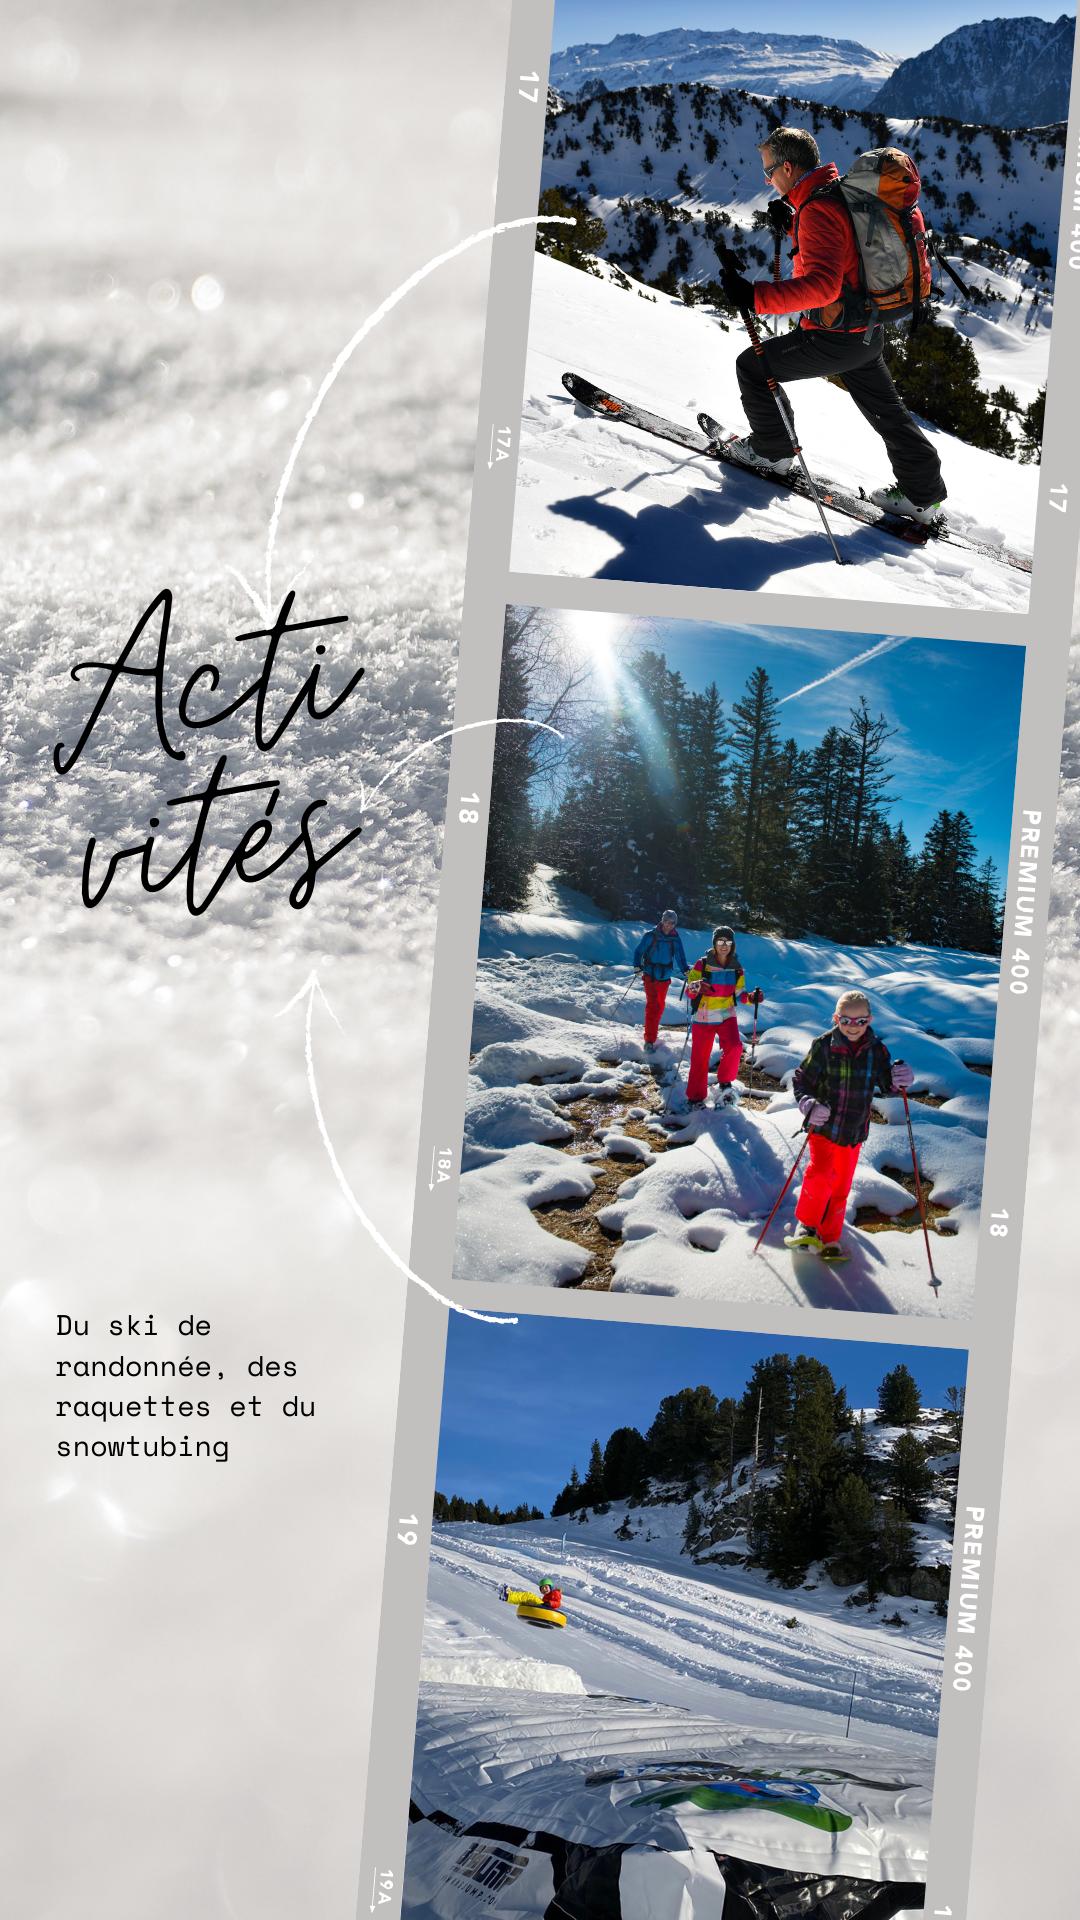 Chamrousse activité loisir raquettes ski randonnée snowtubing station ski montagne isère alpes france - © CP - OT Chamrousse / Canva